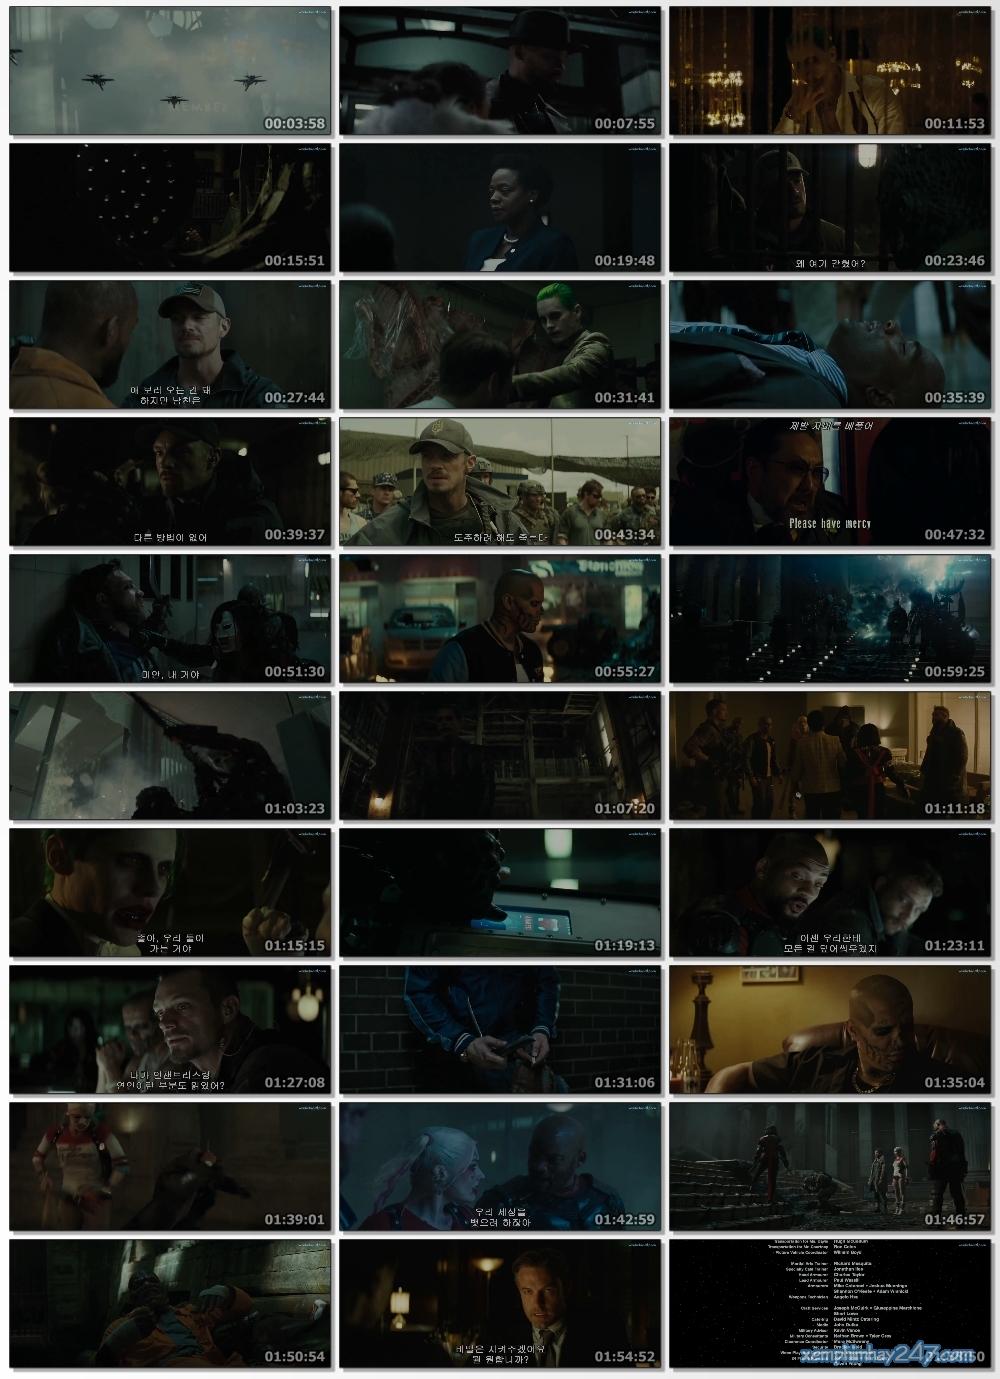 http://xemphimhay247.com - Xem phim hay 247 - Biệt Đội Cảm Tử (2016) - Suicide Squad (2016)